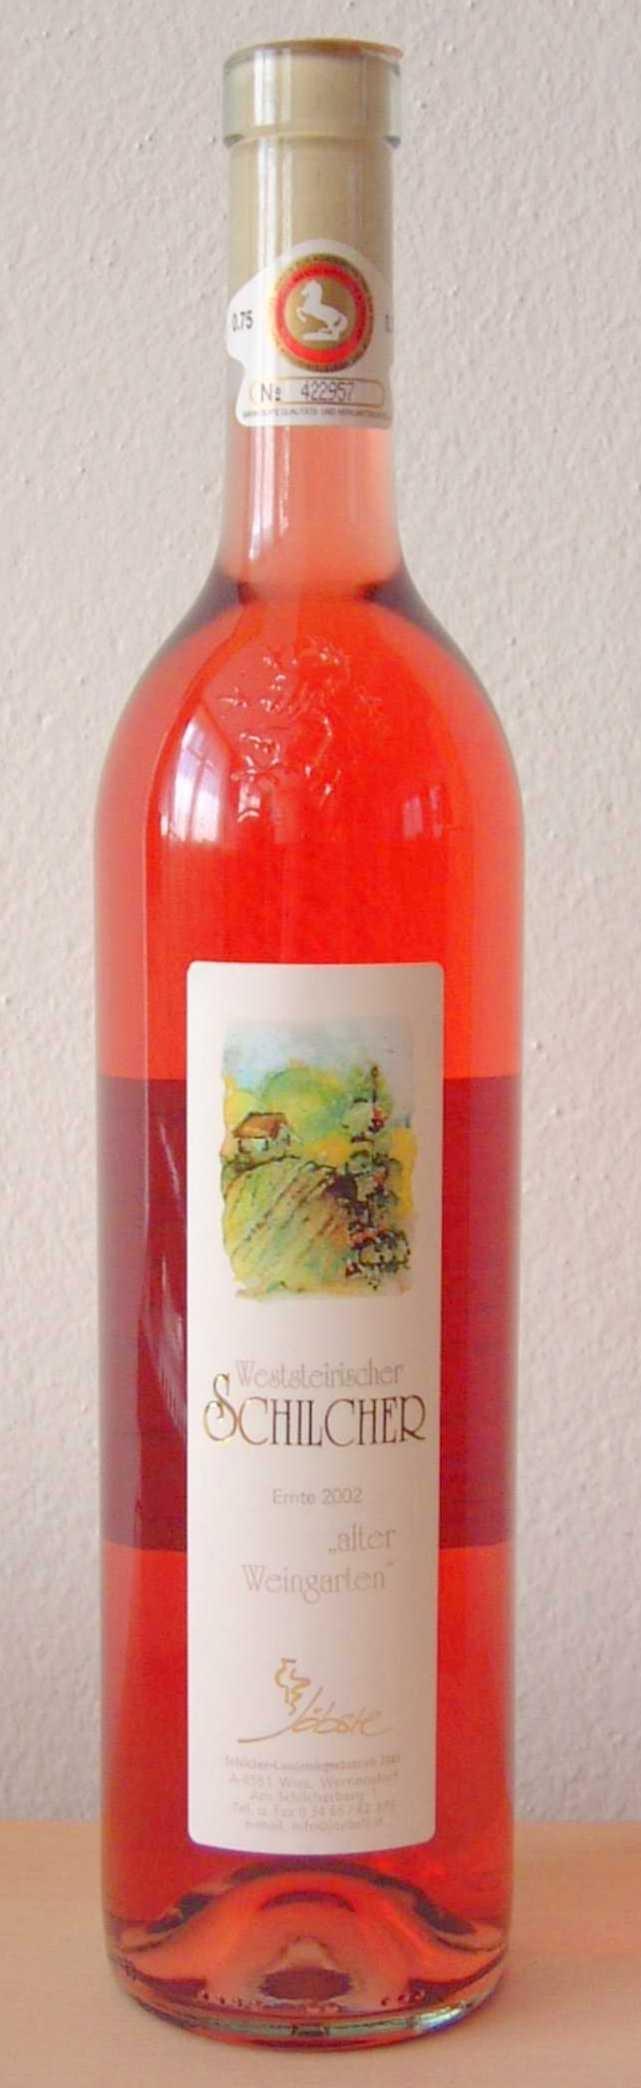 Schilcher Alter Weingarten Jöbstl